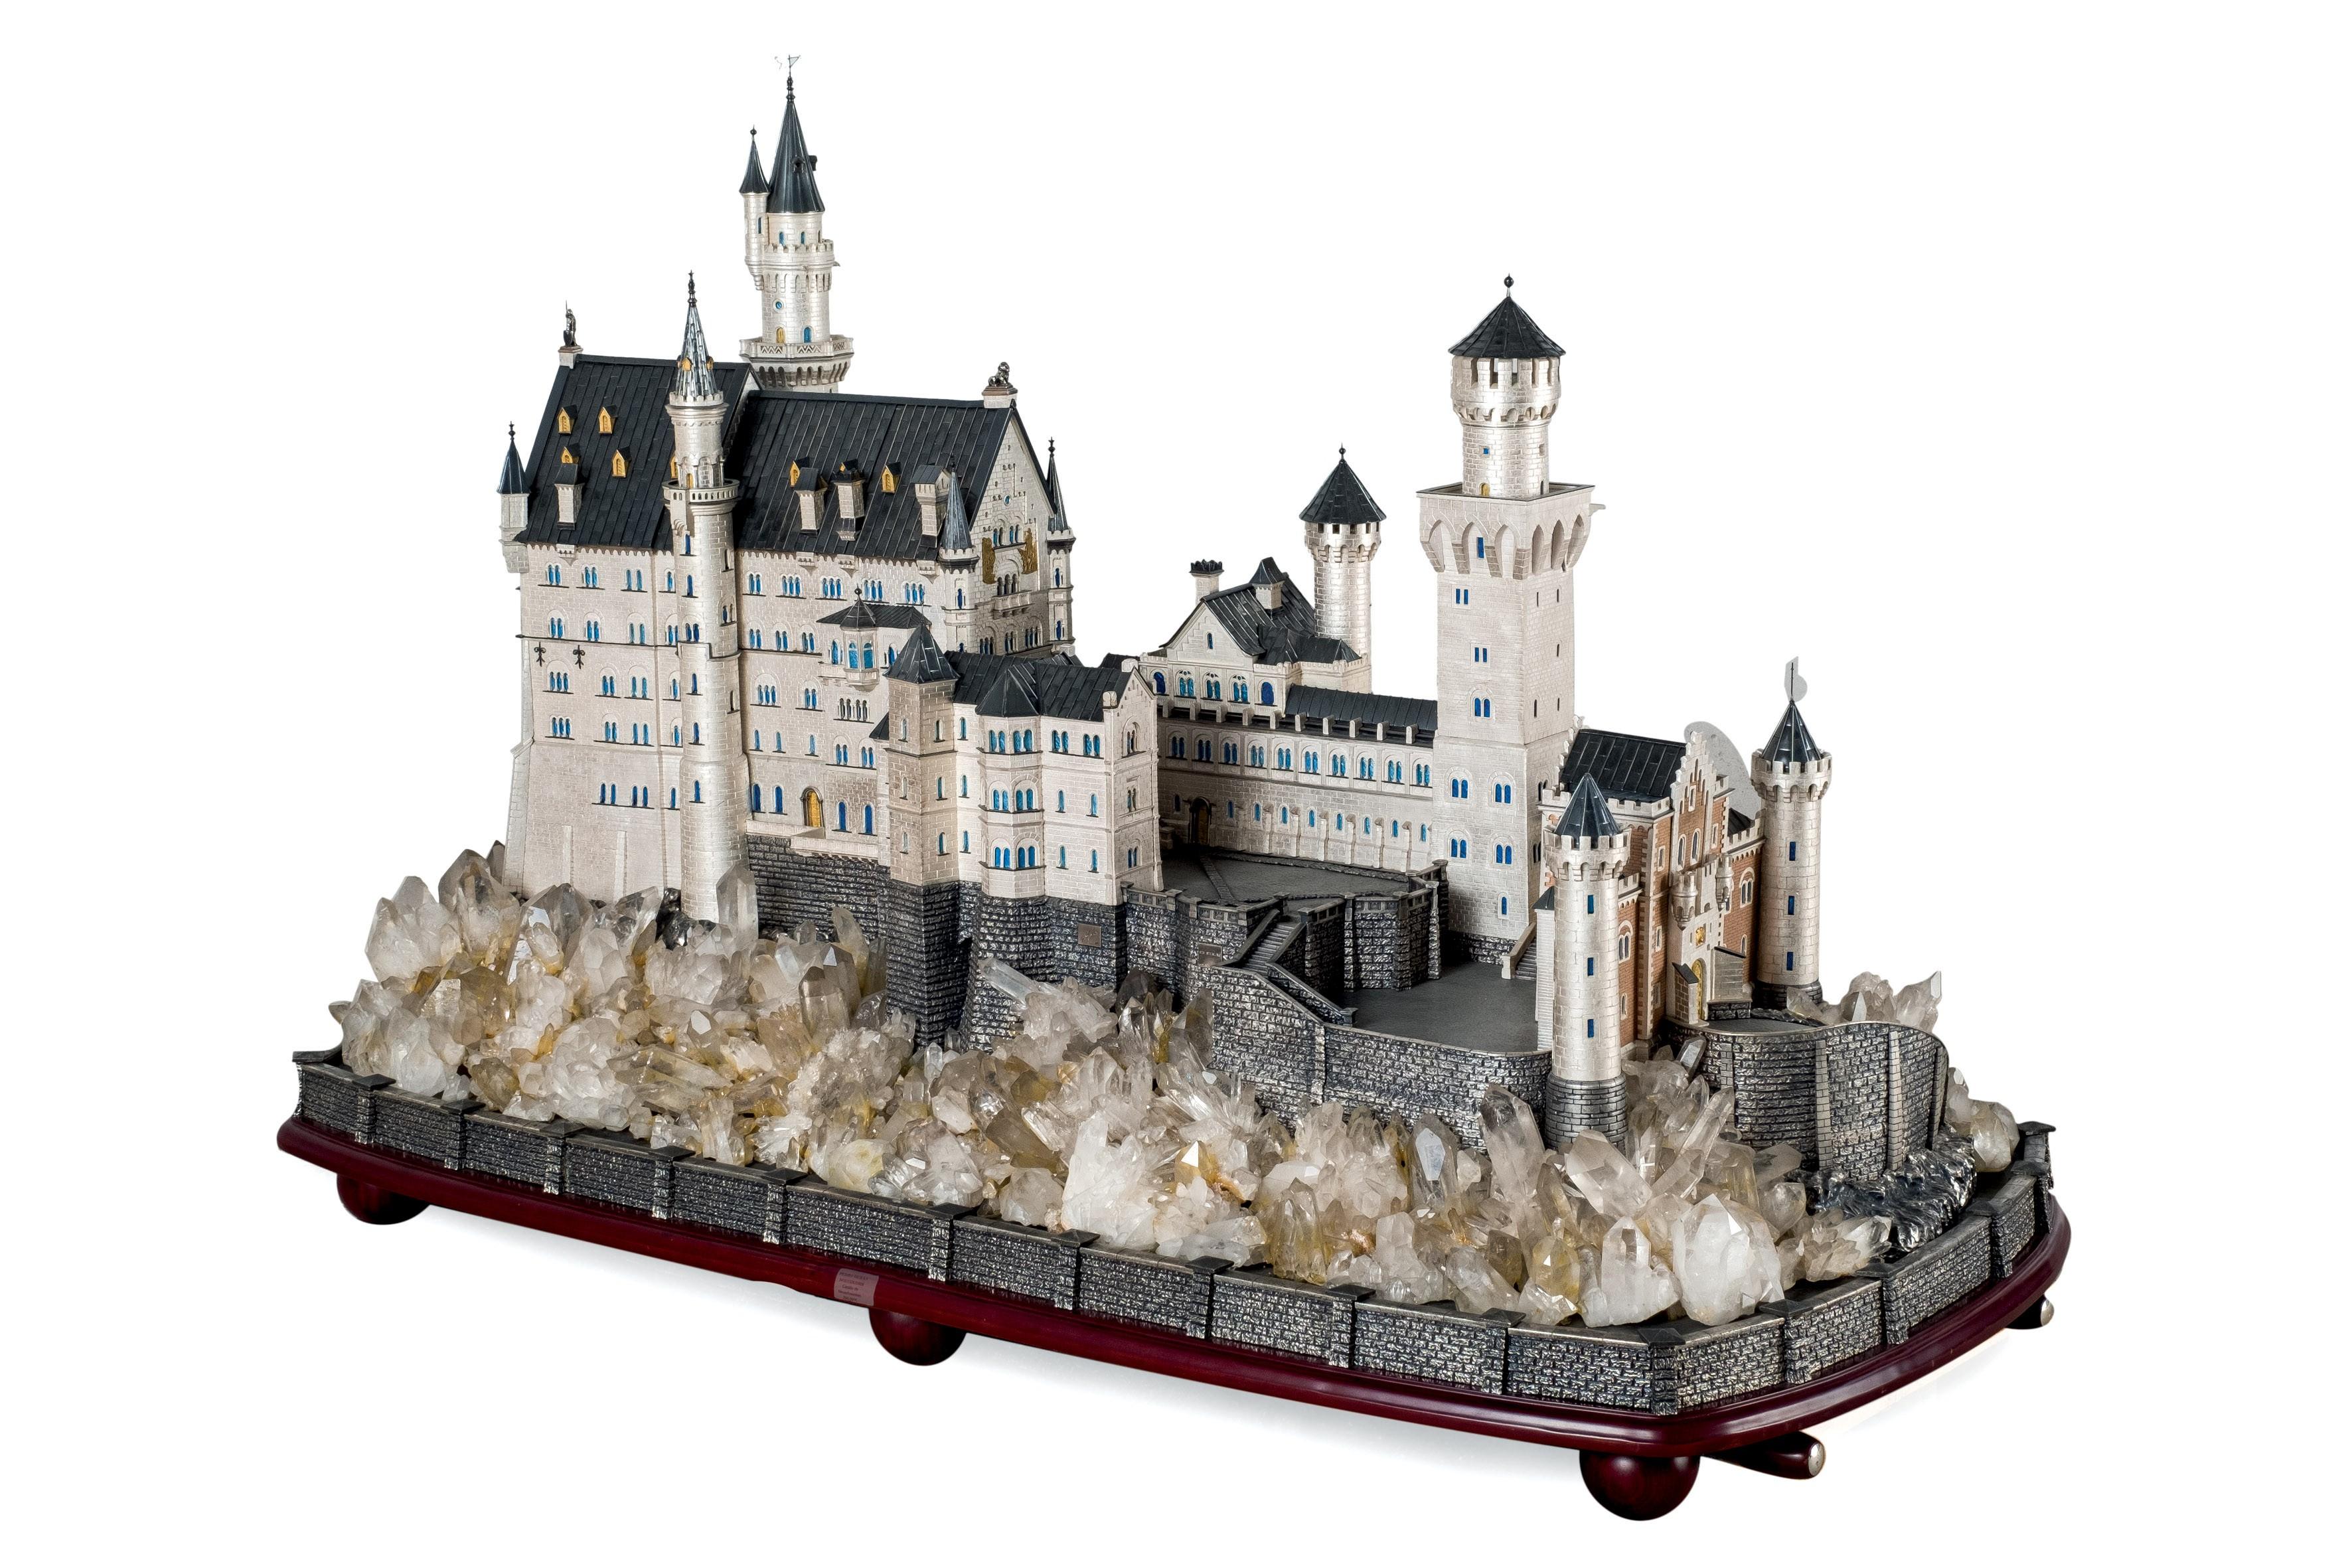 424-castilo-de-neuschwastein.-pieza-de-orfebrera-que-reproduce-el-famoso-castillo-de-neuschwanstein-mandado-edificar-por-luis-ii-de-baviera.